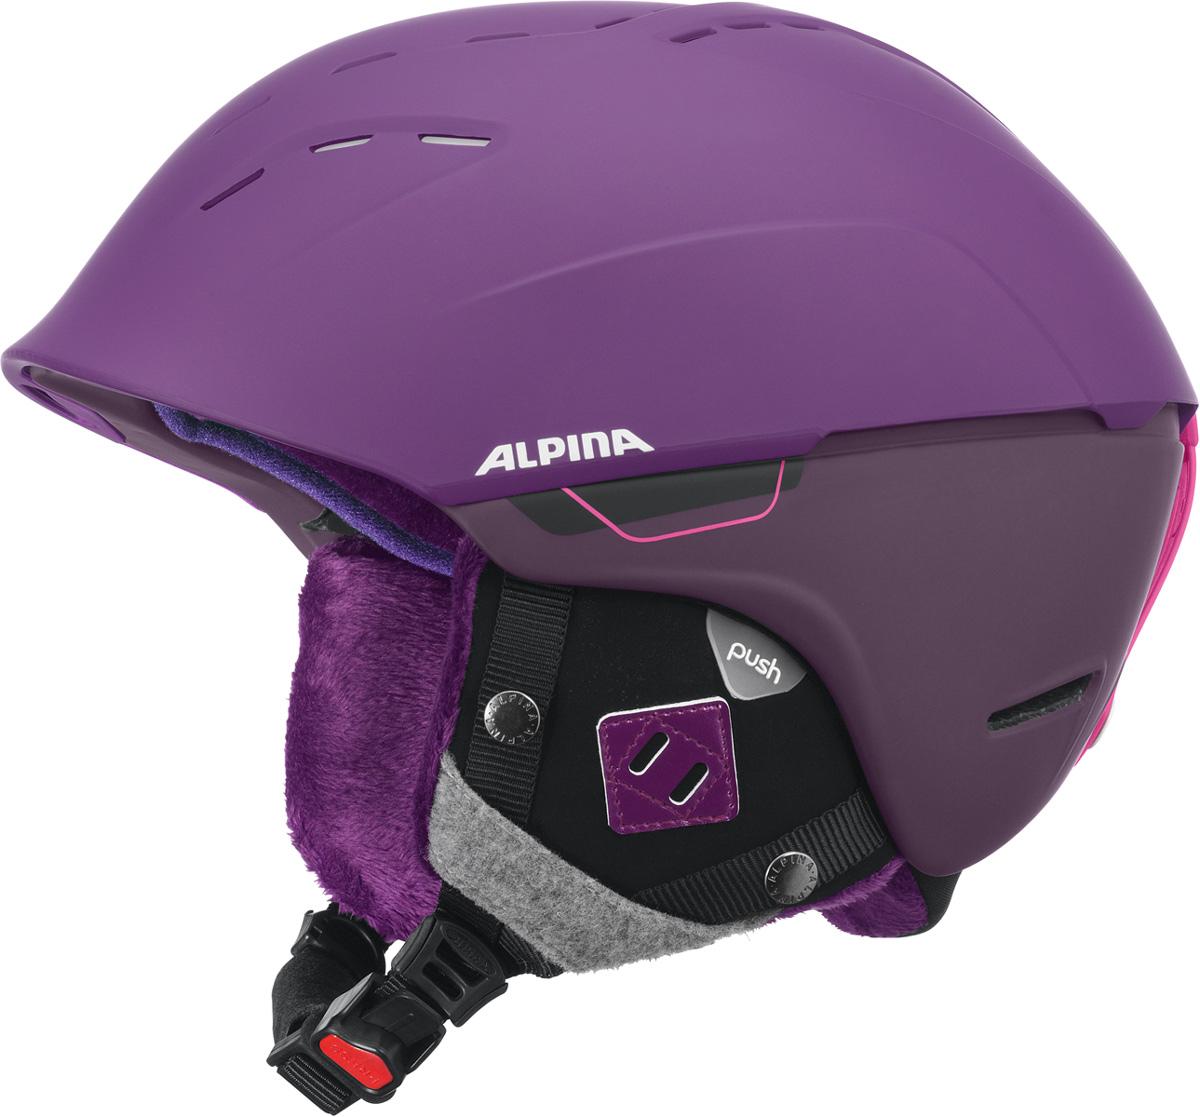 Шлем горнолыжный Alpina Spice, цвет: фиолетовый. A9067_50. Размер 55-59 бензопила alpina серия black a 4500 18